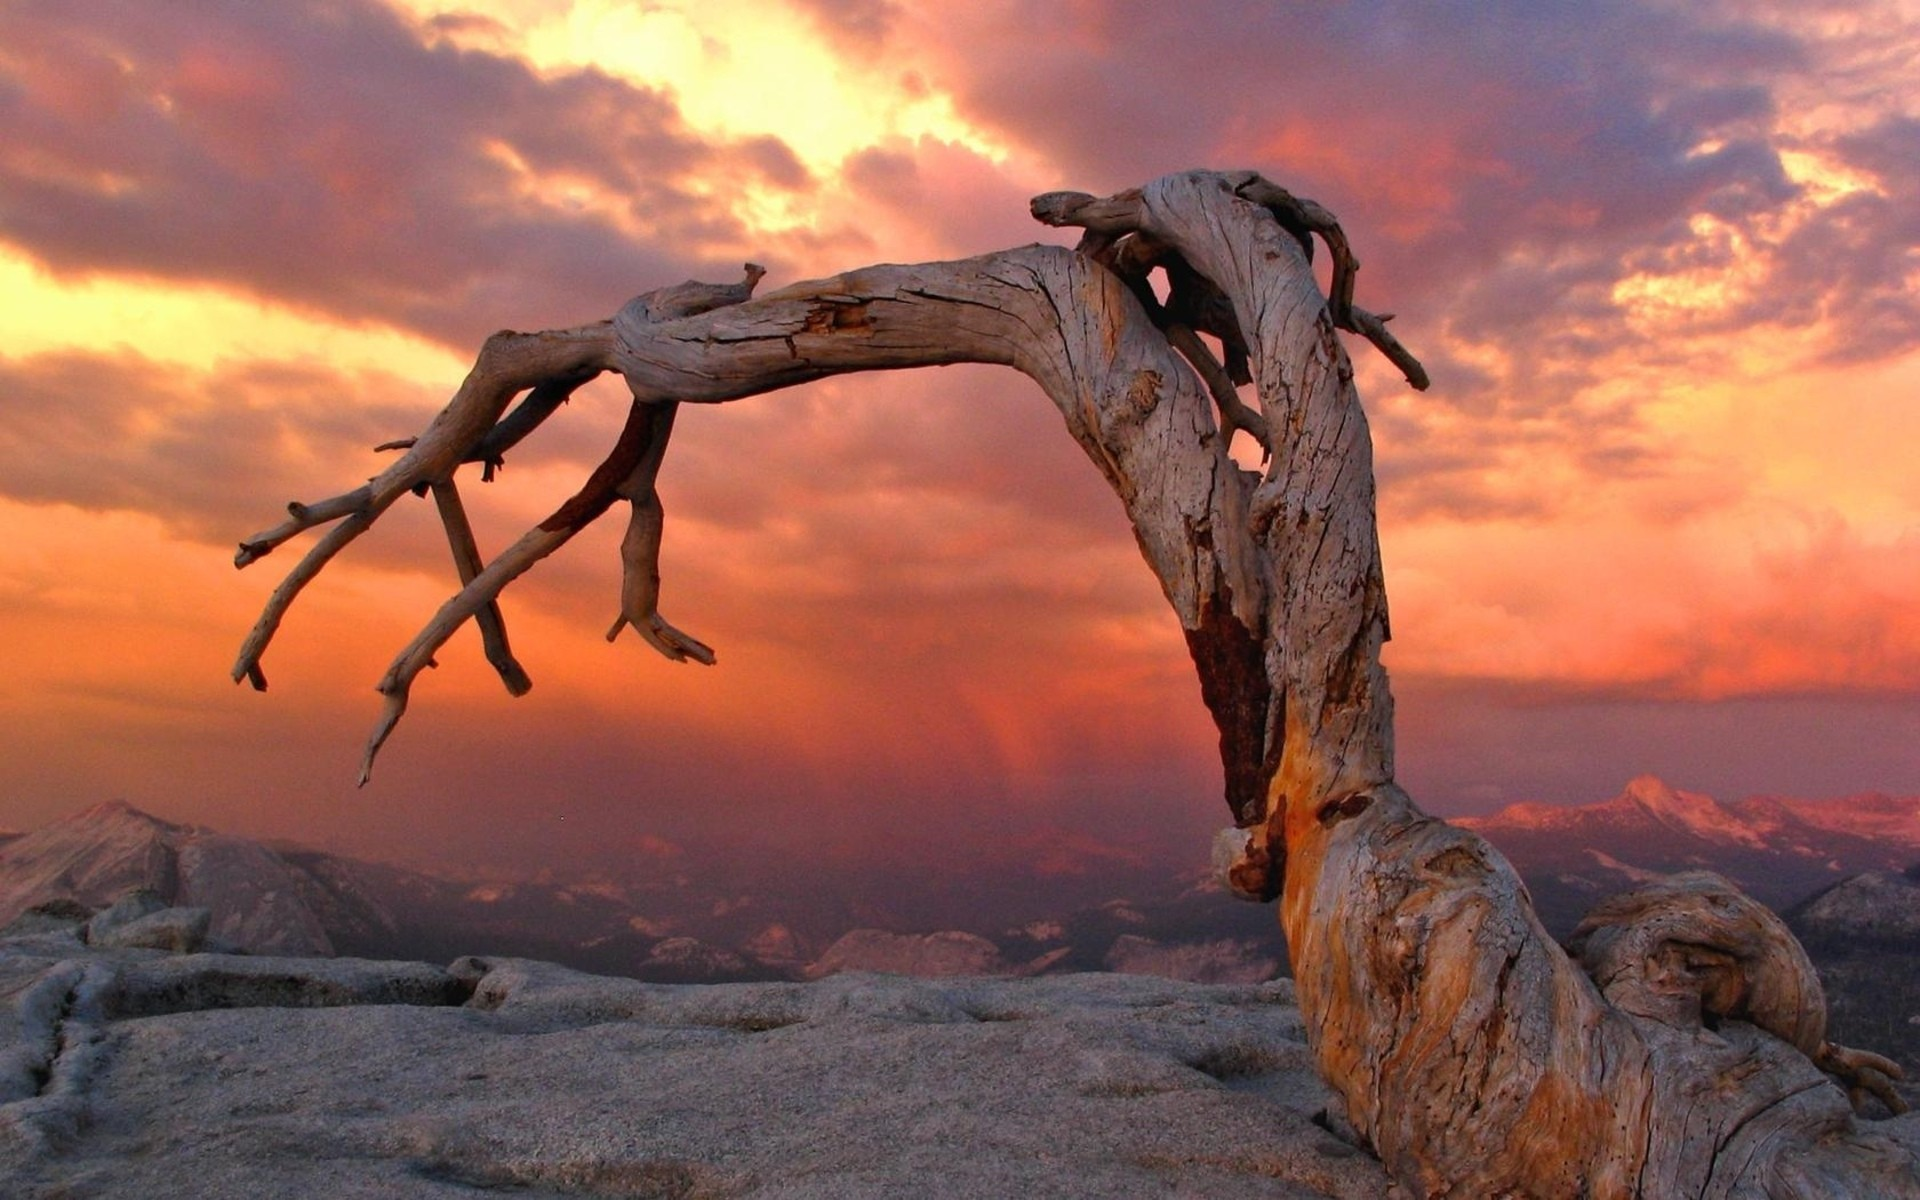 Tronco de un árbol - 1920x1200